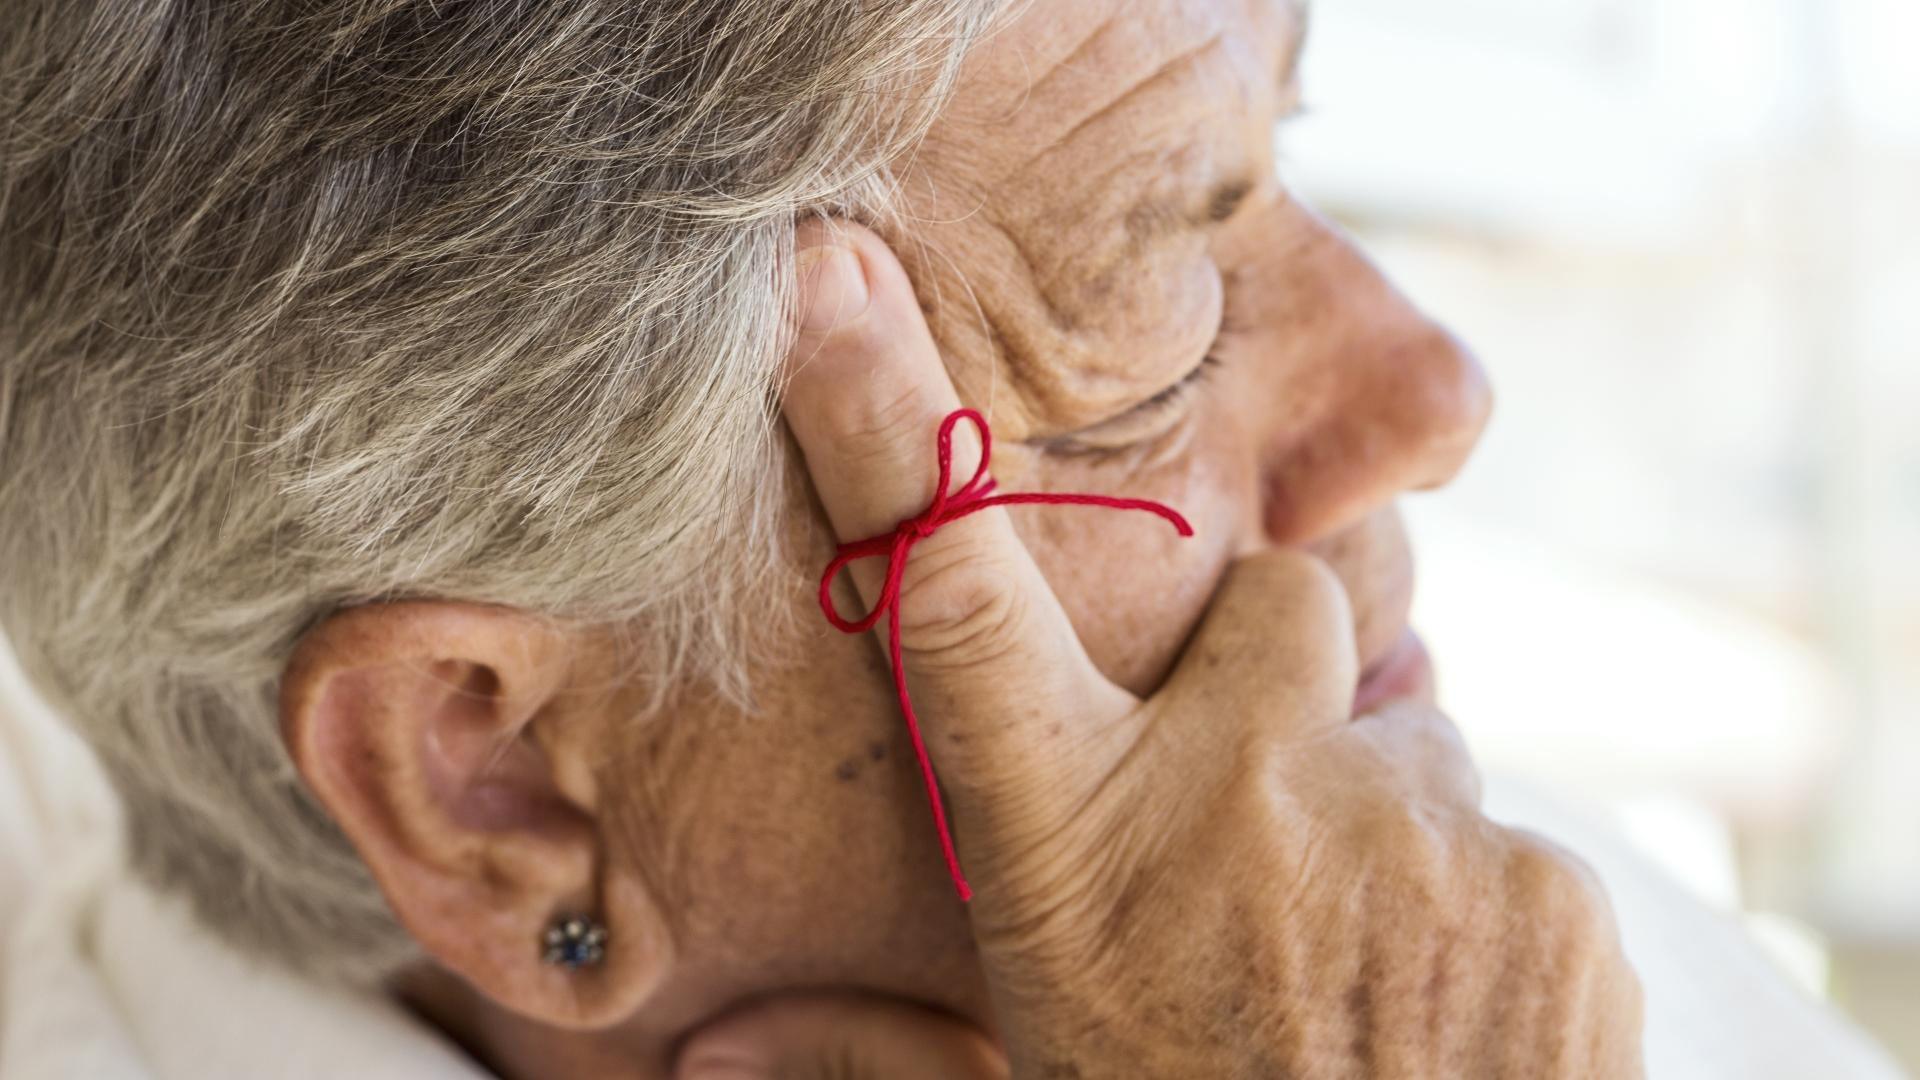 О болезни Альцгеймера расскажут нейронные «развалины»